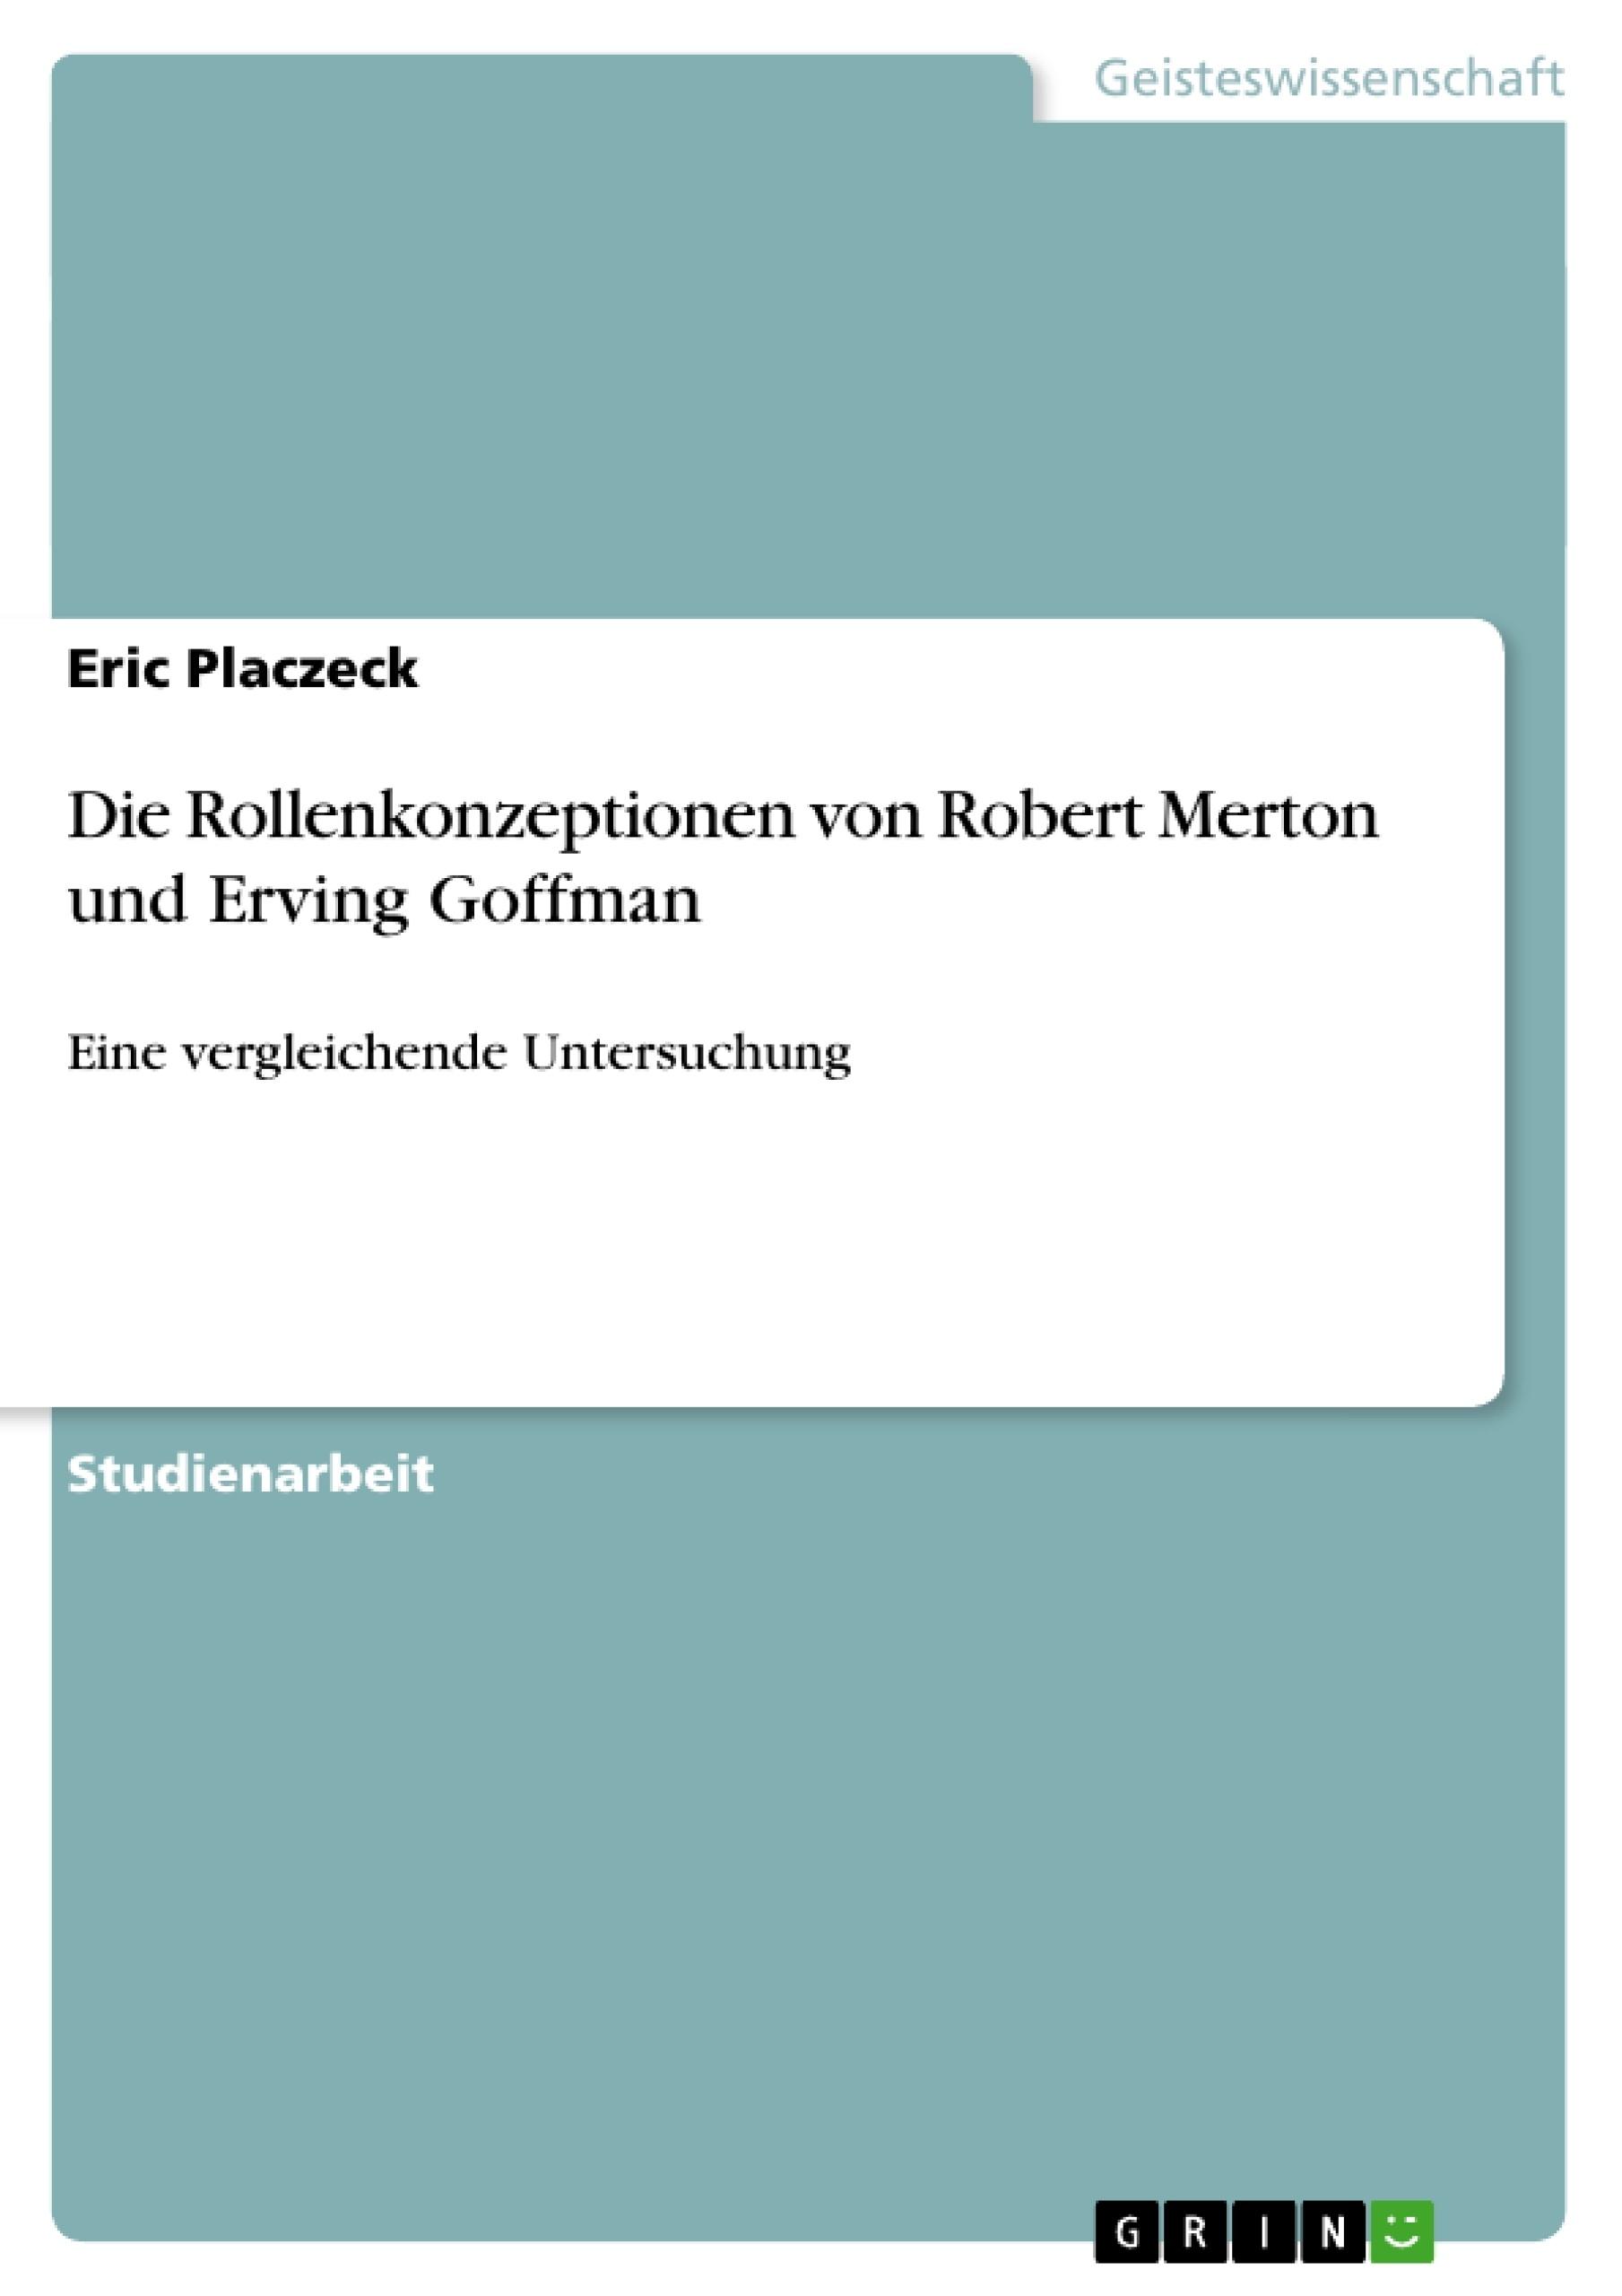 Titel: Die Rollenkonzeptionen von Robert Merton und Erving Goffman